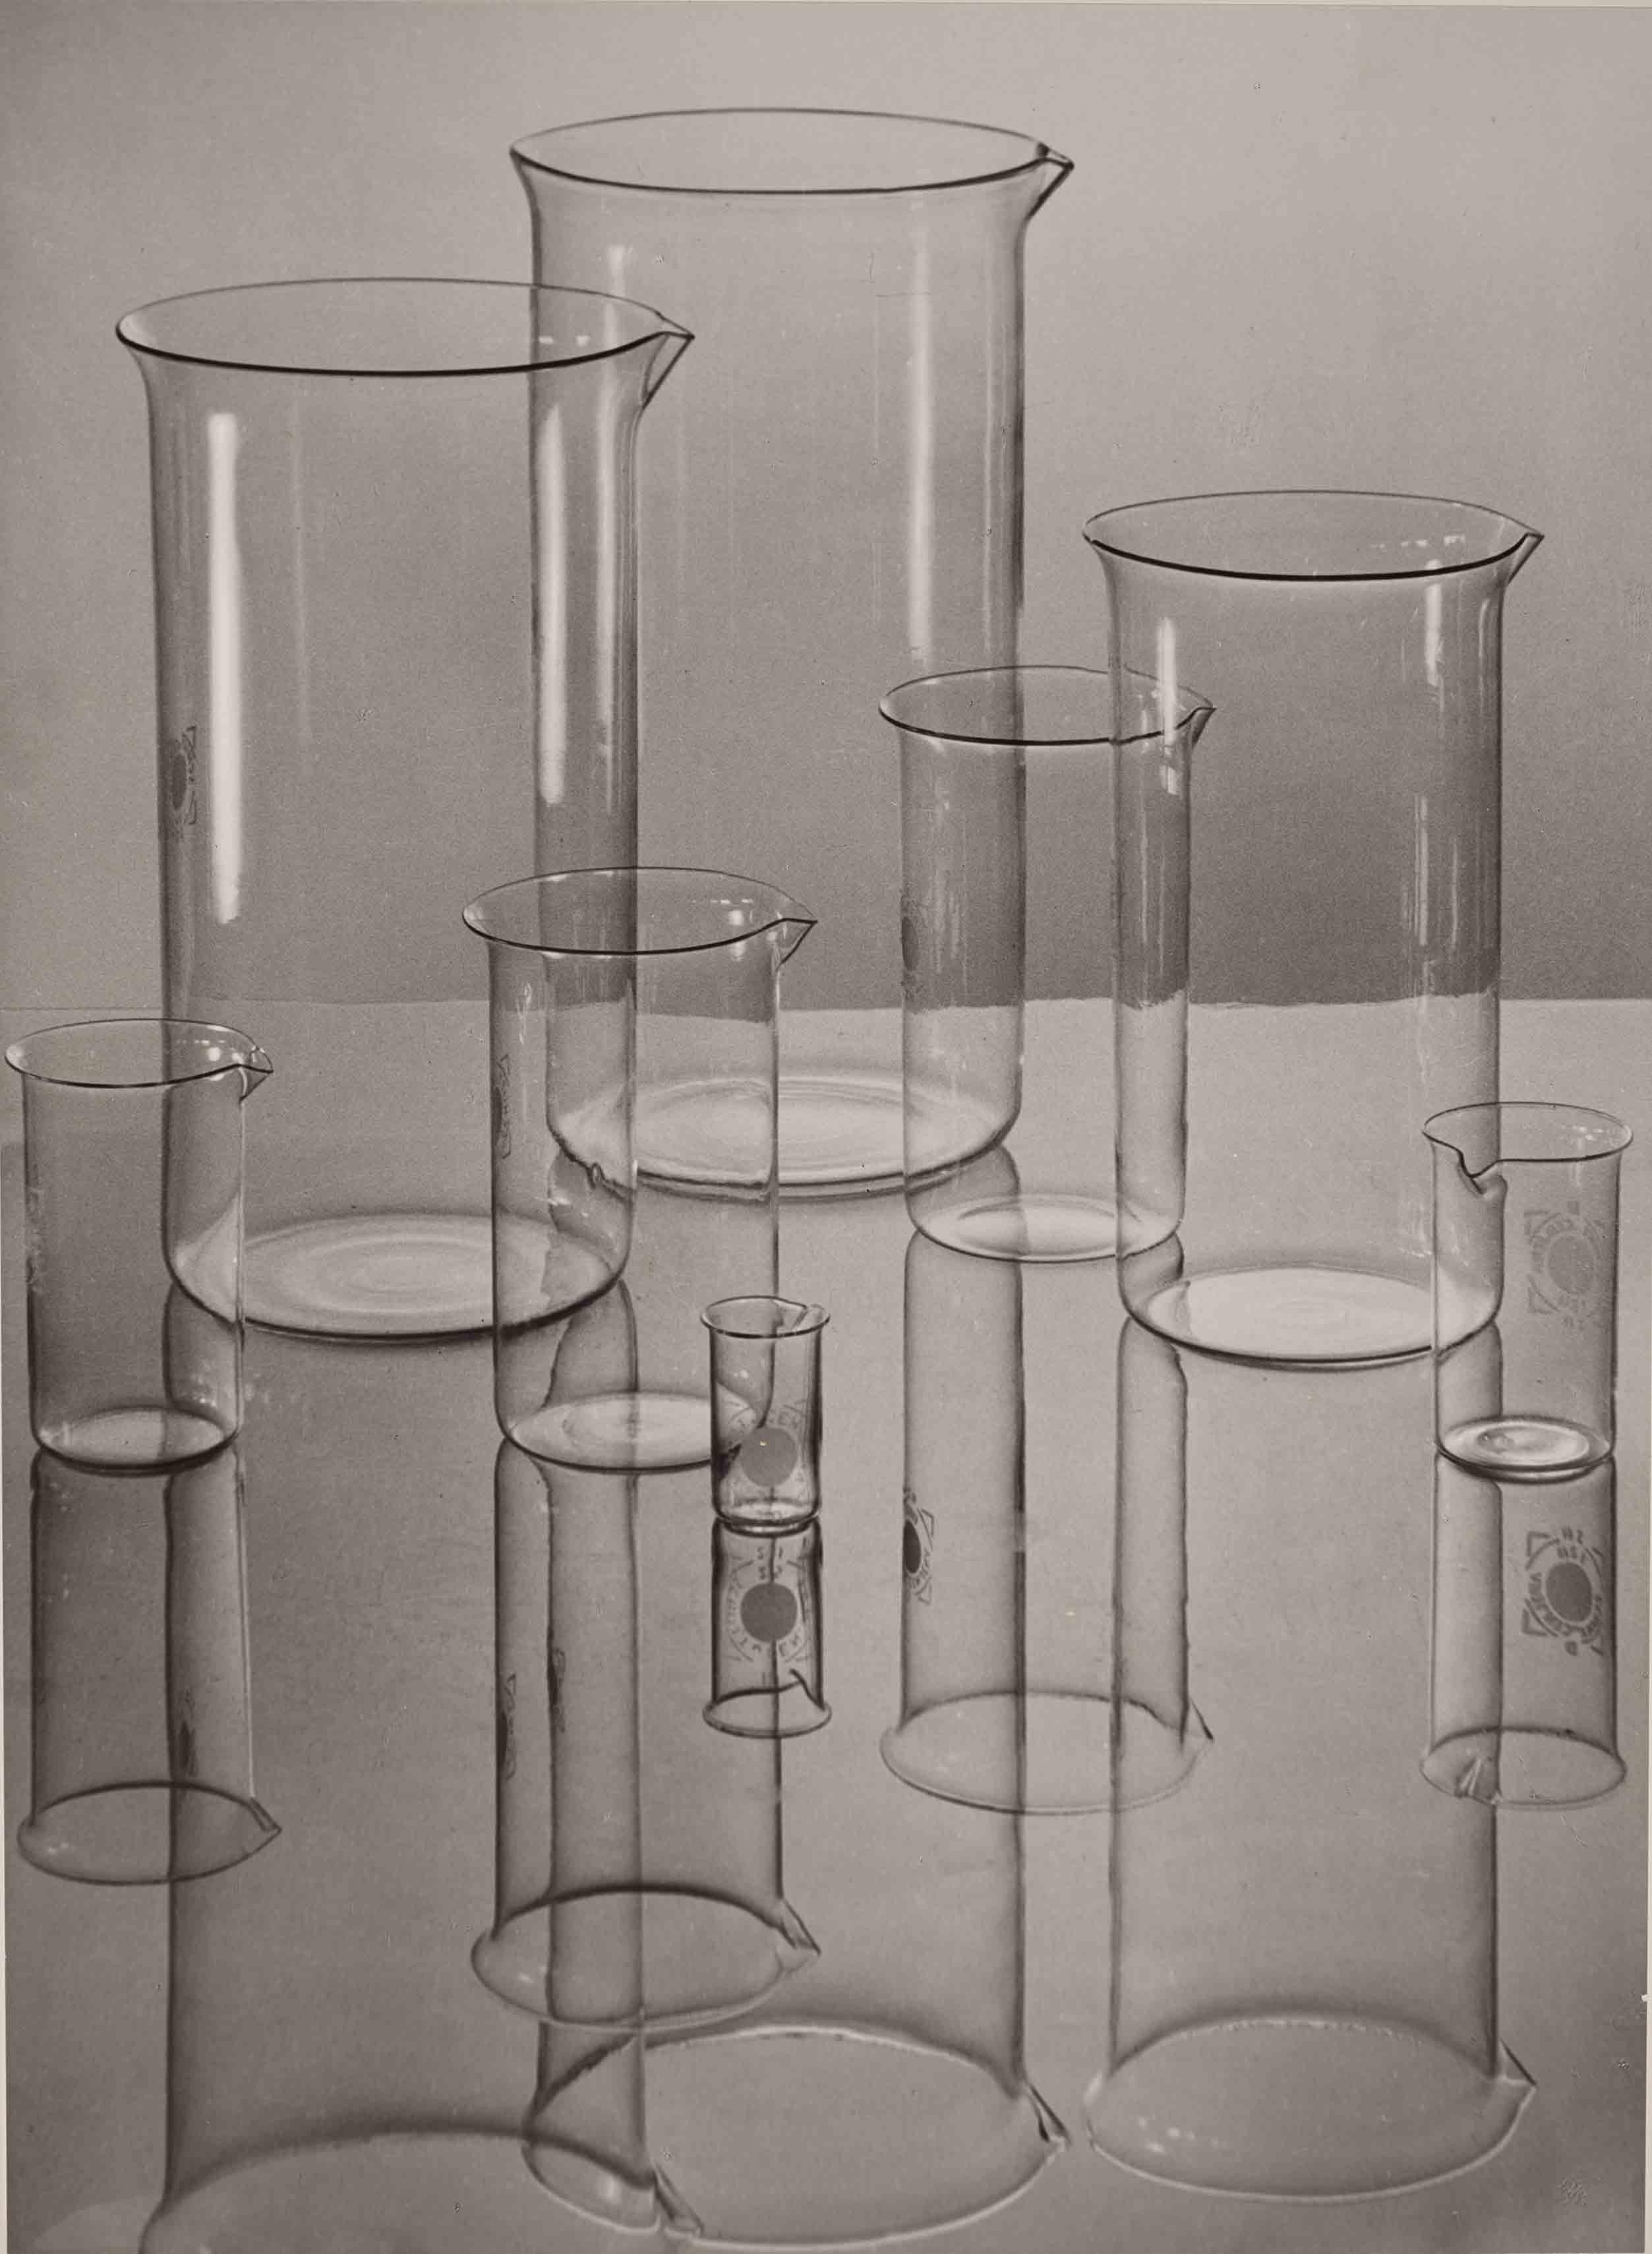 ALBERT RENGER-PATZSCH — Jenaer Glas (Zylindrische Gläser) [Verrerie d'Iéna (béchers)], 1934 Museum Folkwang, Essen © Albert Renger-Patzsch / Archiv Ann und Jürgen Wilde, Zülpich / ADAGP, Paris 2017